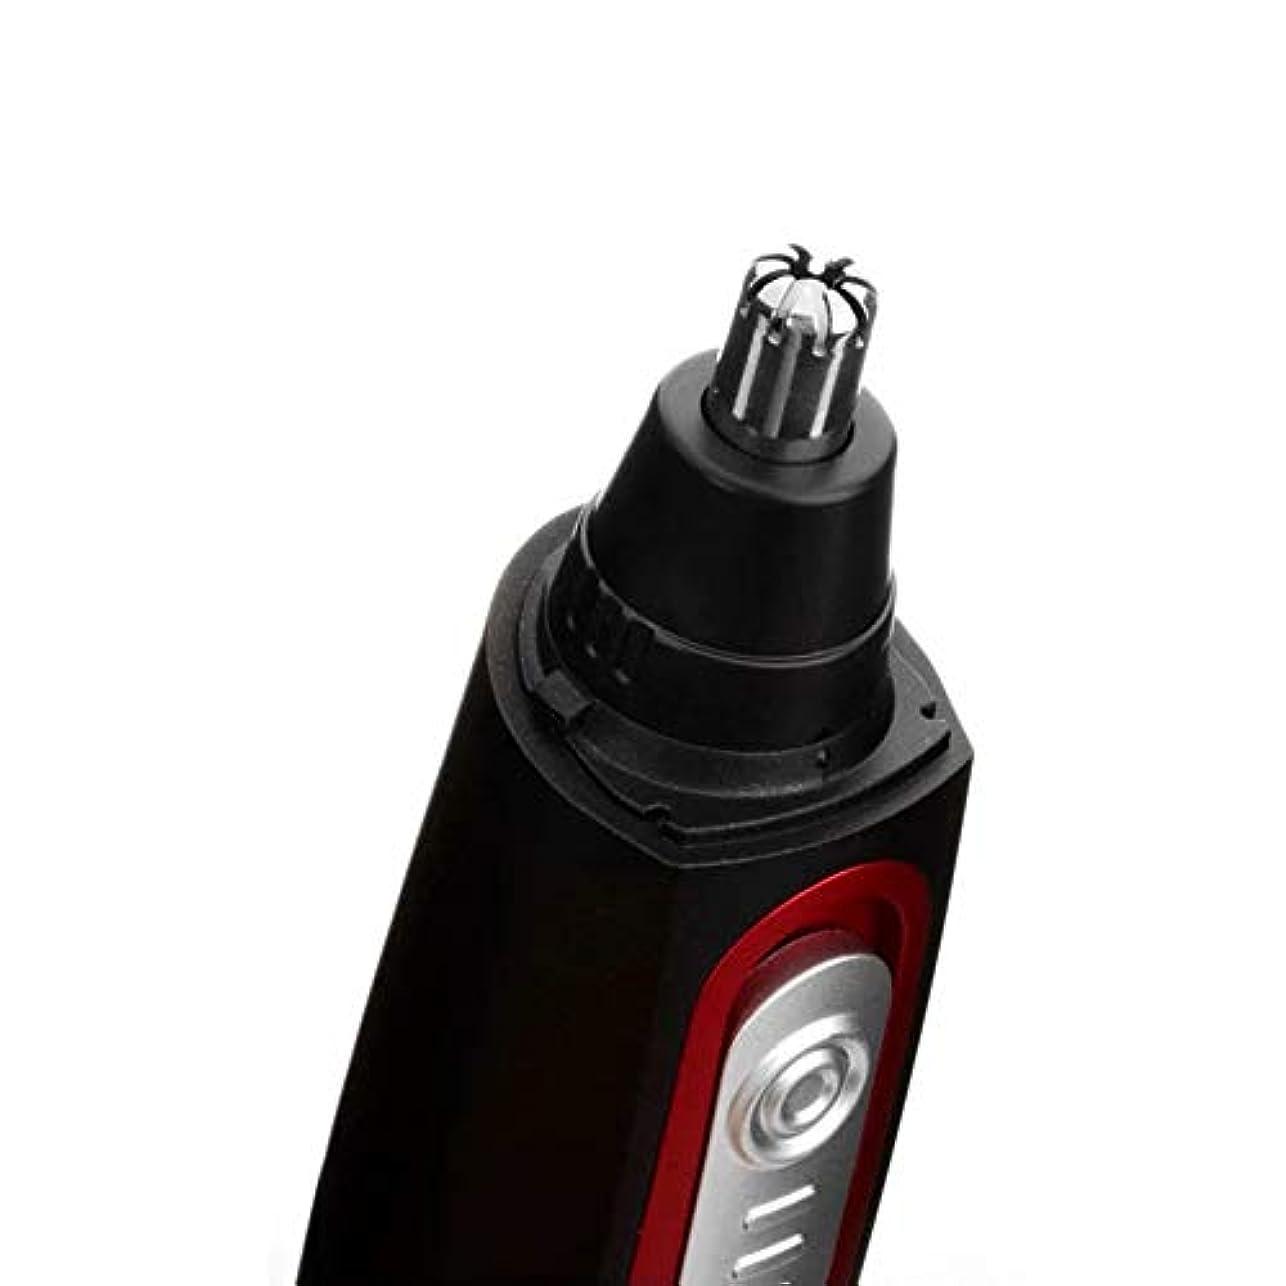 うがい薬変数収縮ノーズヘアトリマー/メンズシェービングノーズヘアスクレーピングノーズヘアハサミ/ 360°効果的なキャプチャー/三次元ロータリーカッターヘッドデザイン/ 14cm 軽度の脱毛